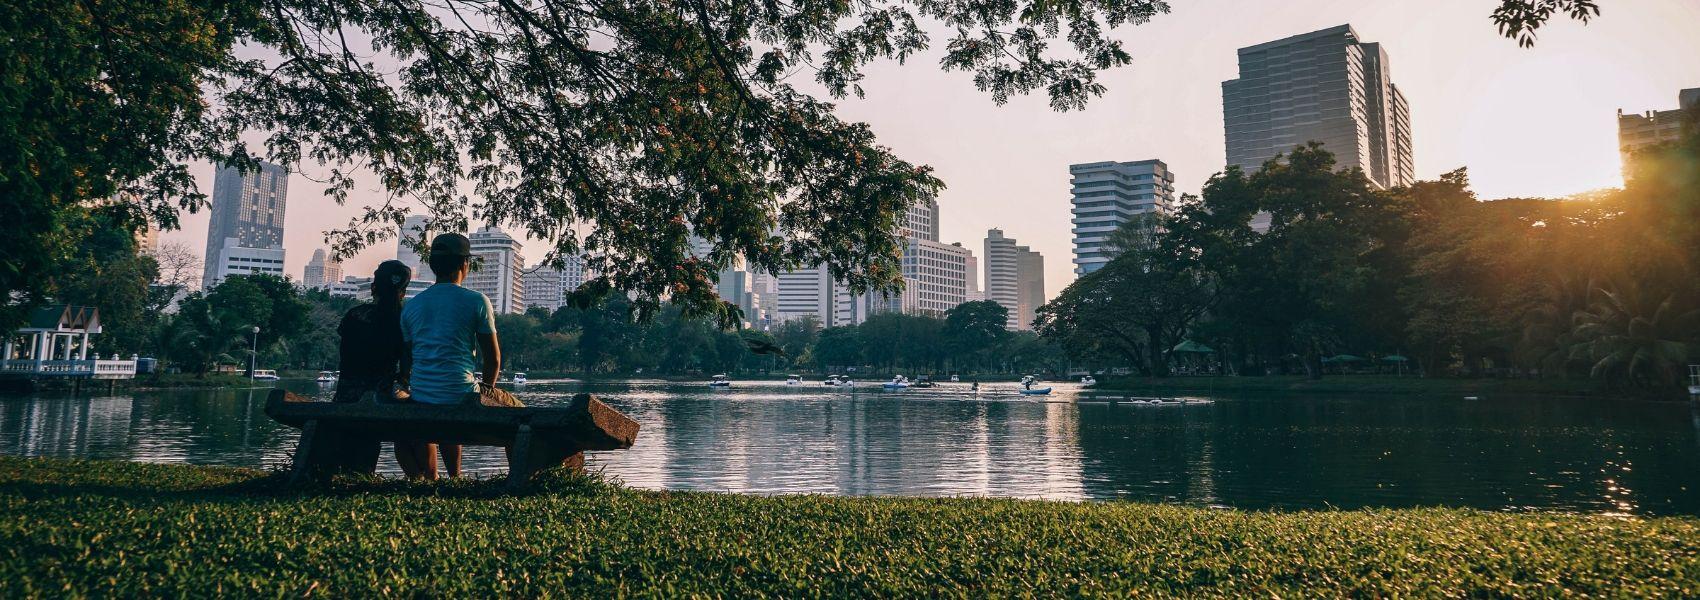 passeio nos parques na cidade